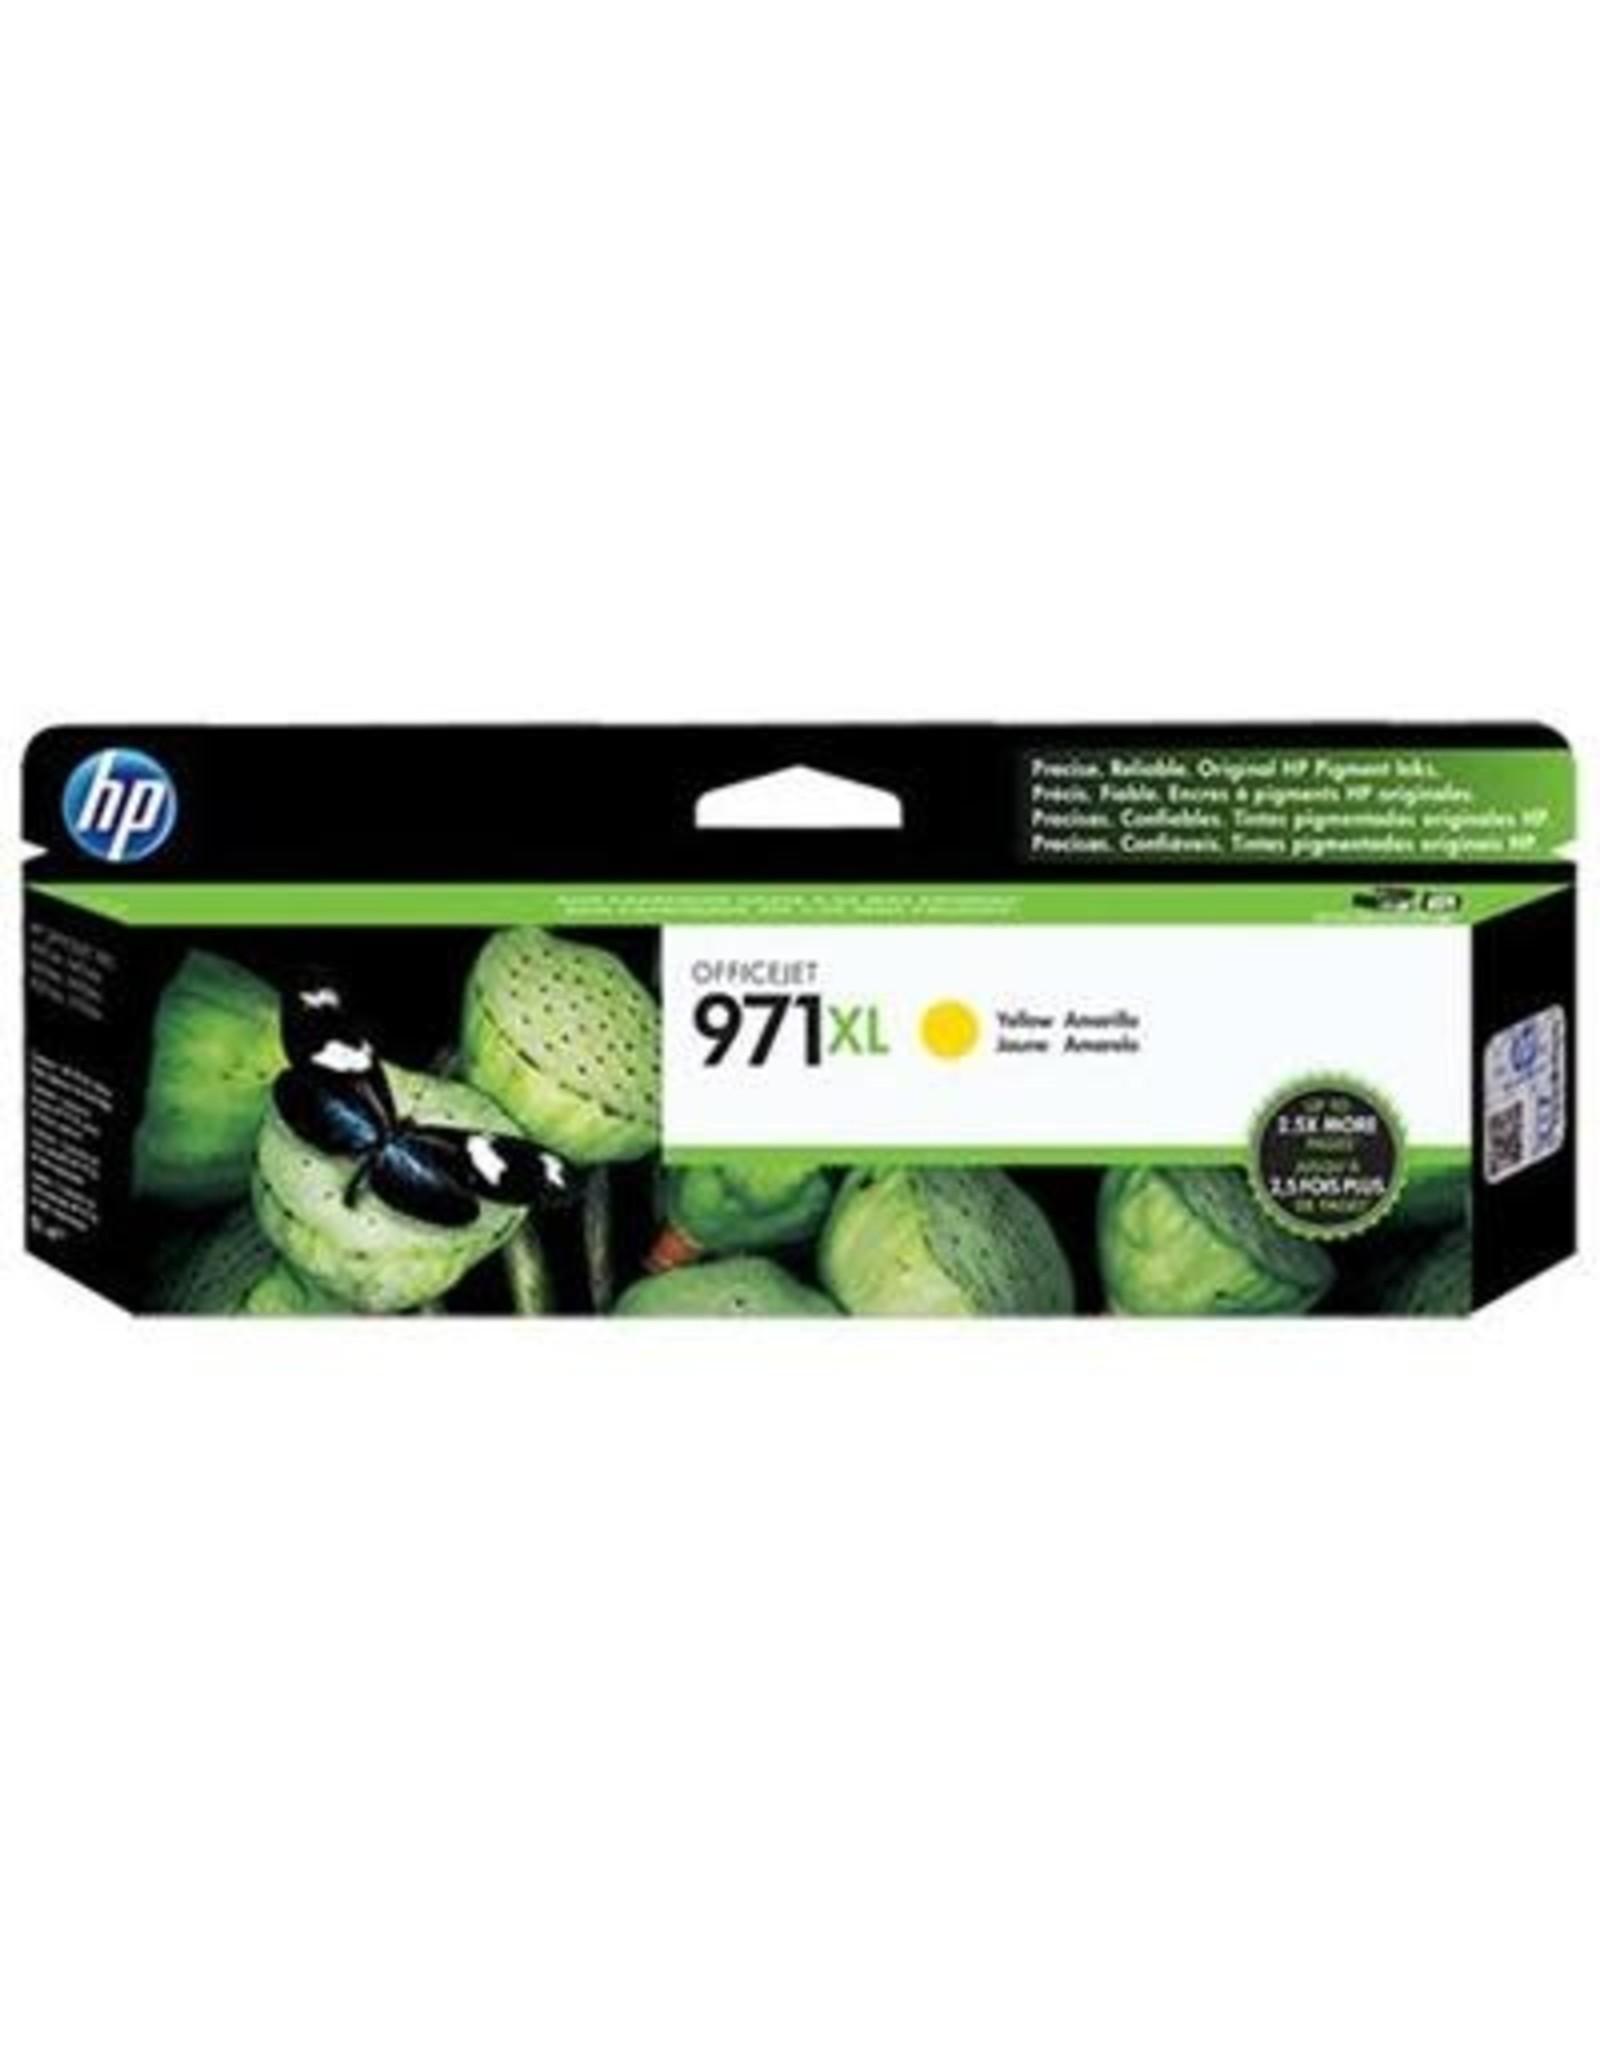 Ingram Micro INKJET CARTRIDGE-HP #971XL YELLOW HIGH YIELD